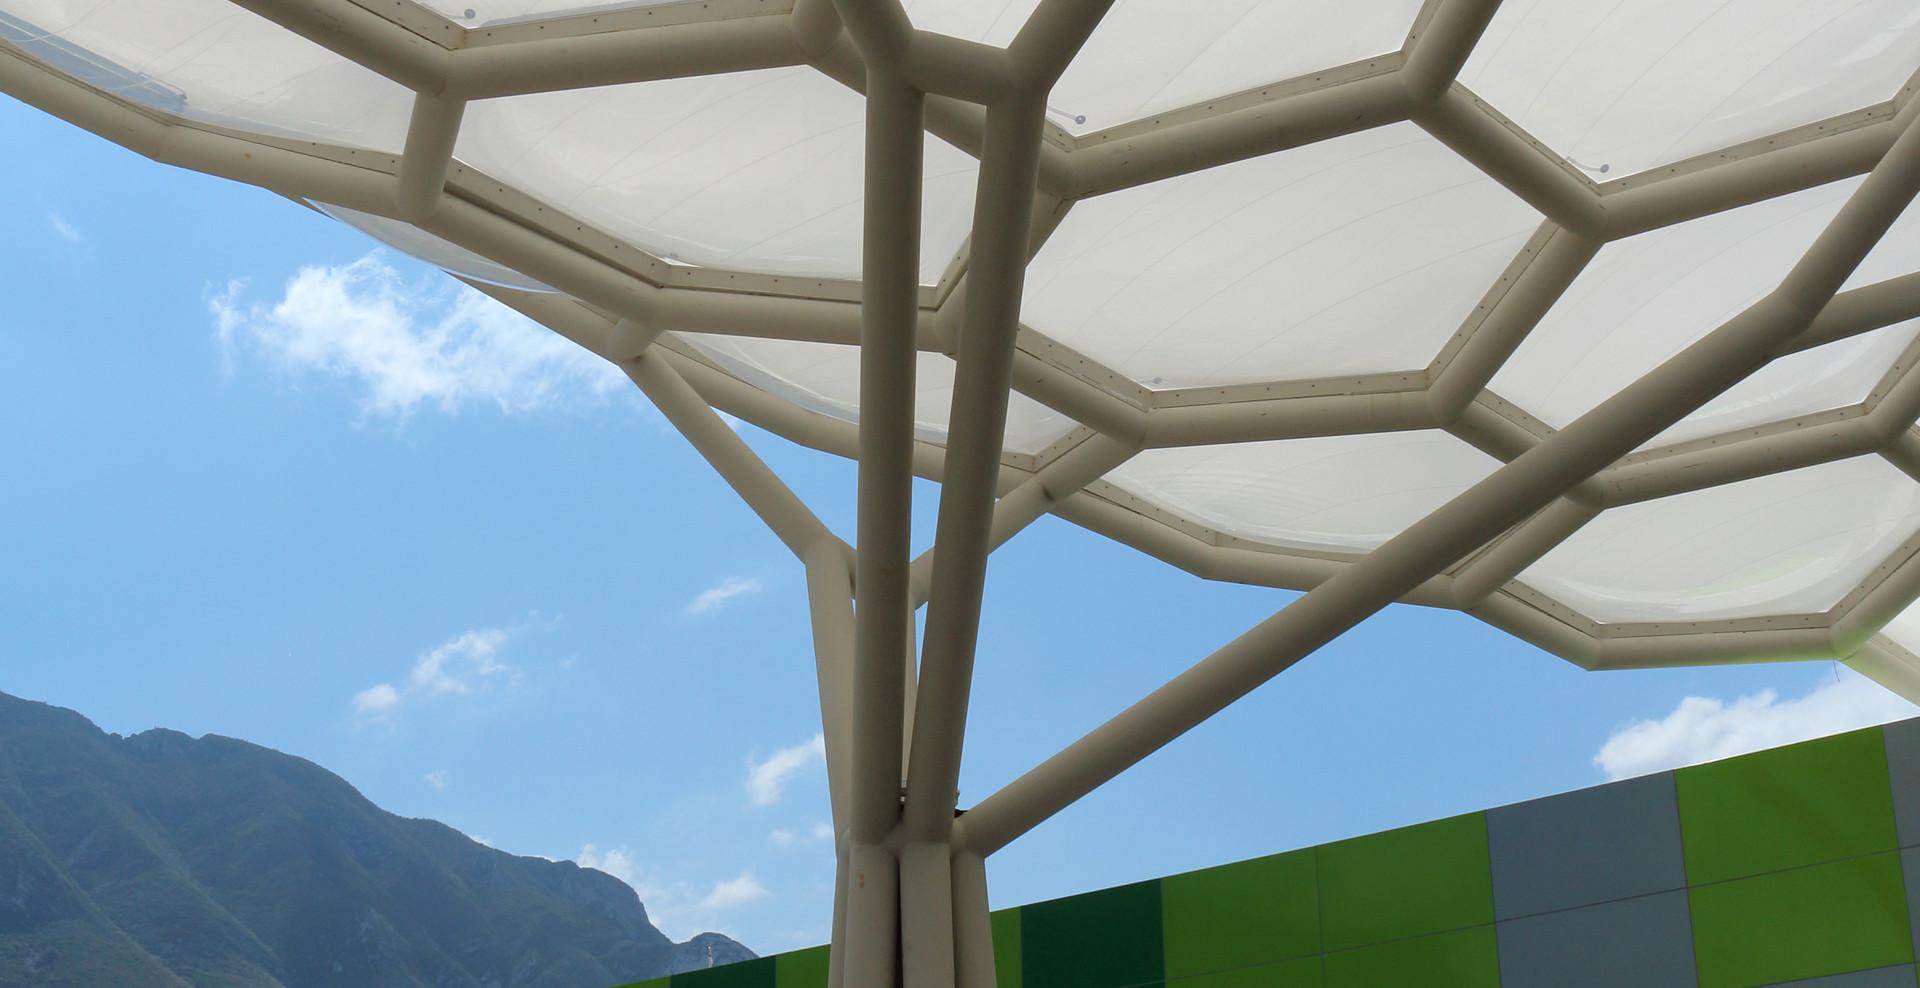 Cubierta-Textile Architektur11.JPG